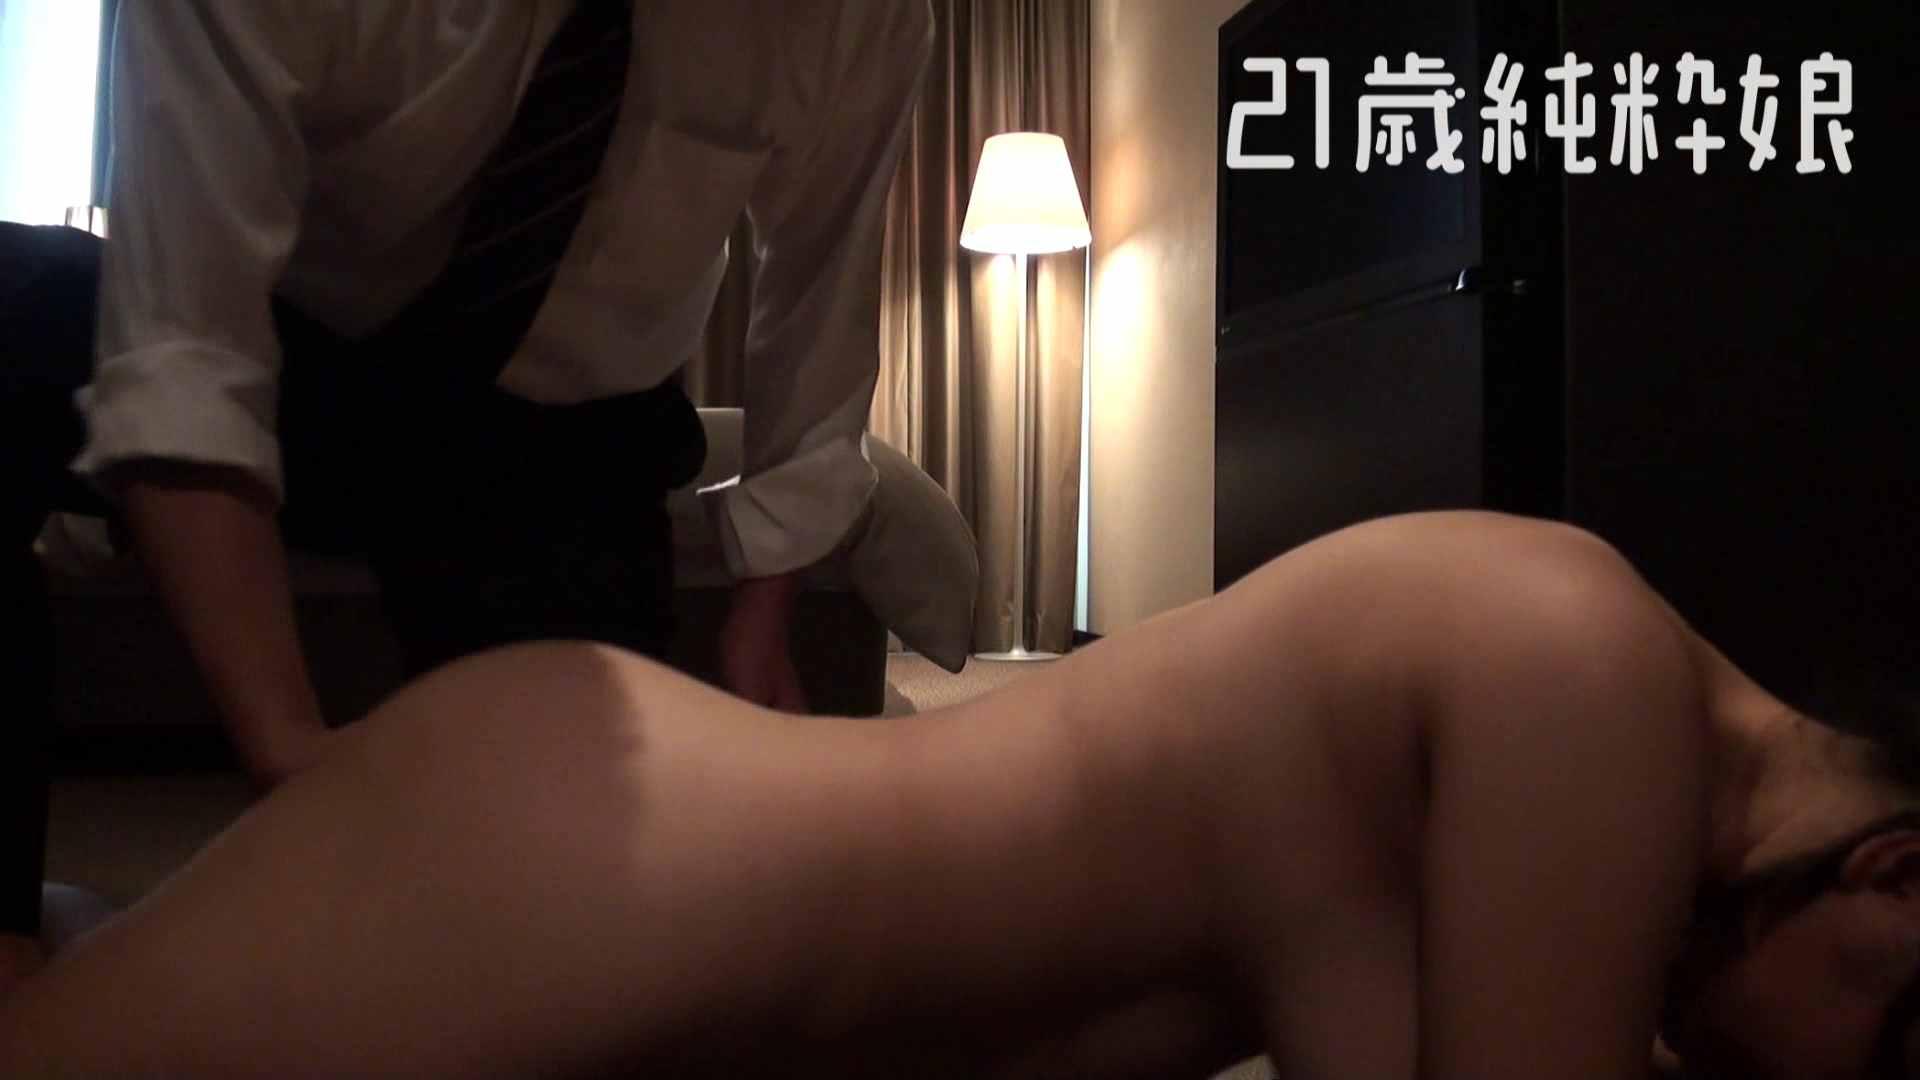 上京したばかりのGカップ21歳純粋嬢を都合の良い女にしてみた2 オナニー特集 | ギャル達のSEX  77画像 49